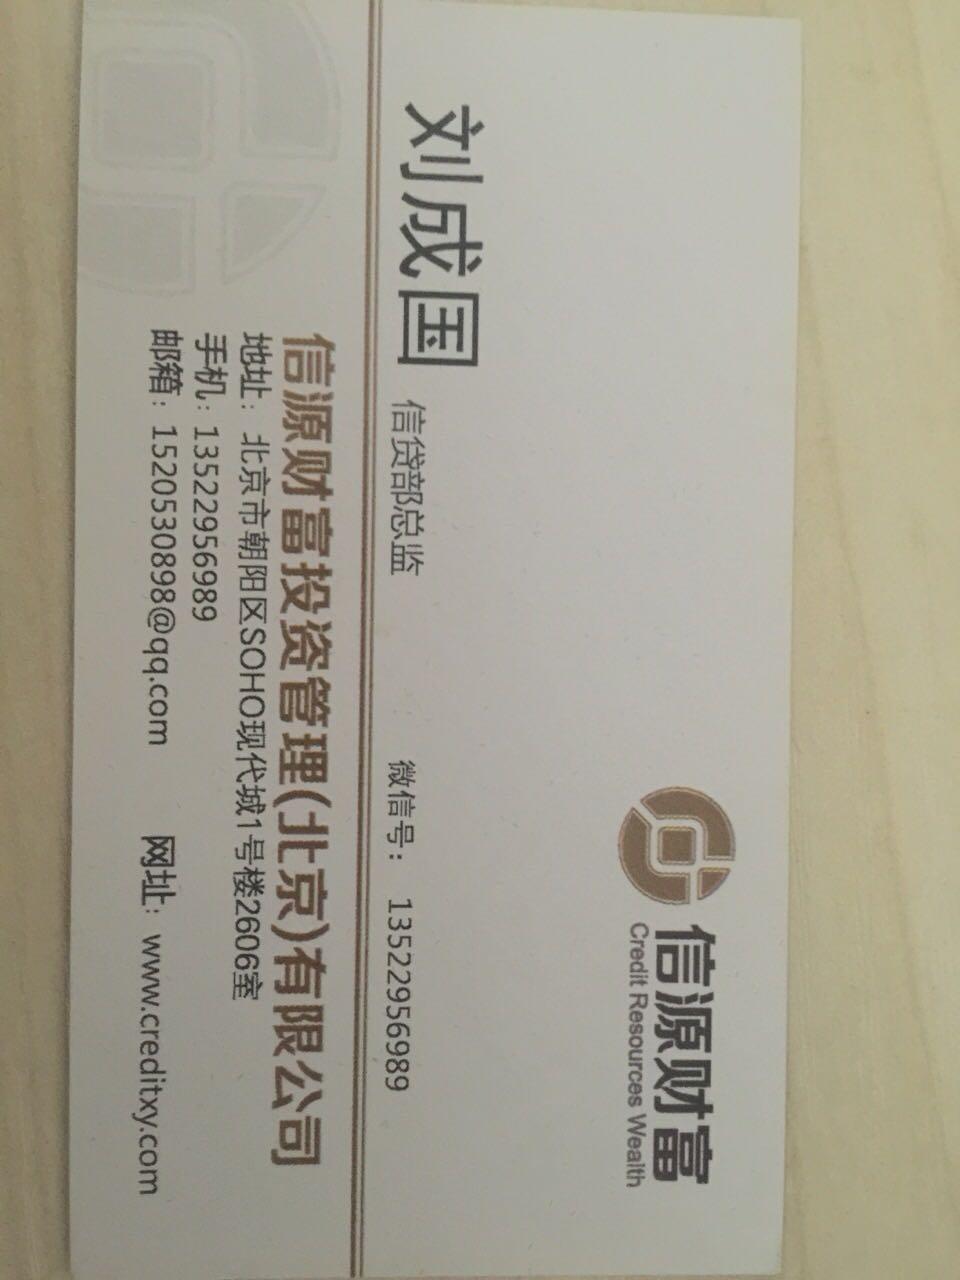 来自刘**发布的供应信息:信源财富,公司主做企业信贷,30万—15... - 信源财富投资管理(北京)有限公司